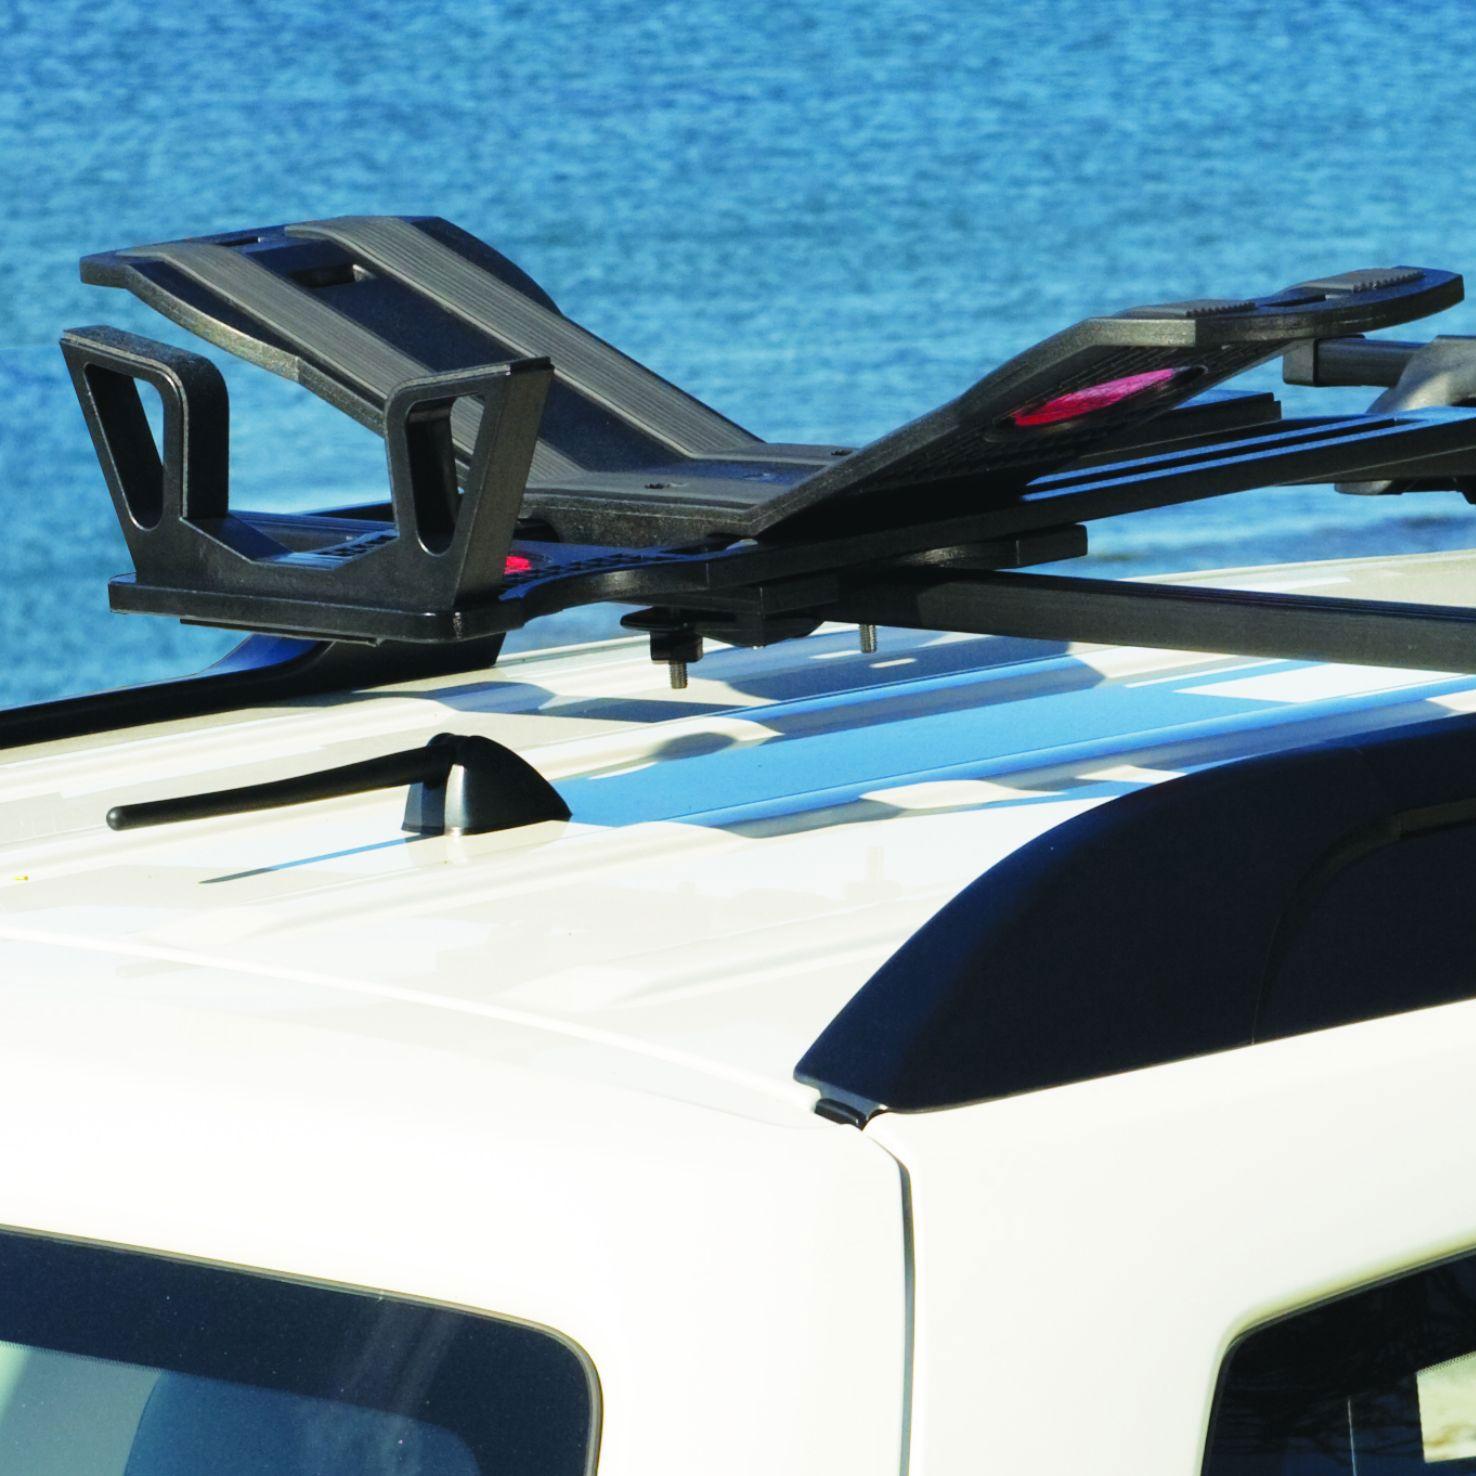 Pin on kayaks/bikes/sports equip